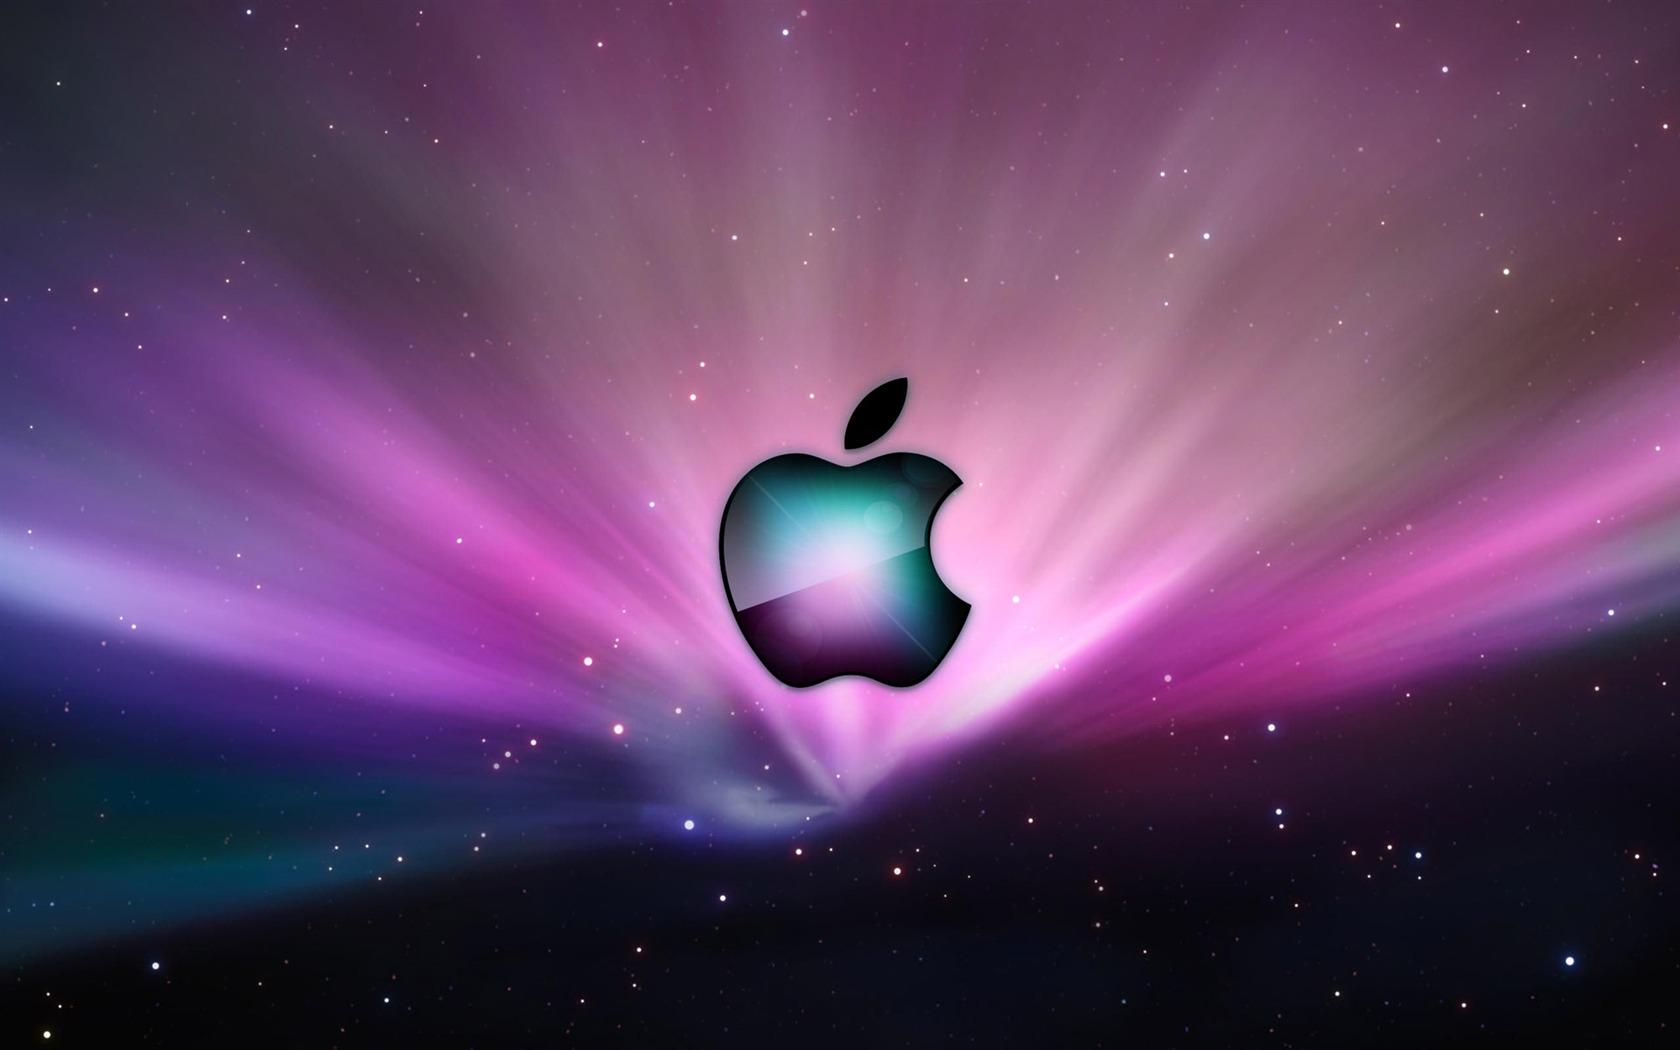 Tema de fondo de pantalla de apple lbum 37 4 for Fondo de pantalla chulo